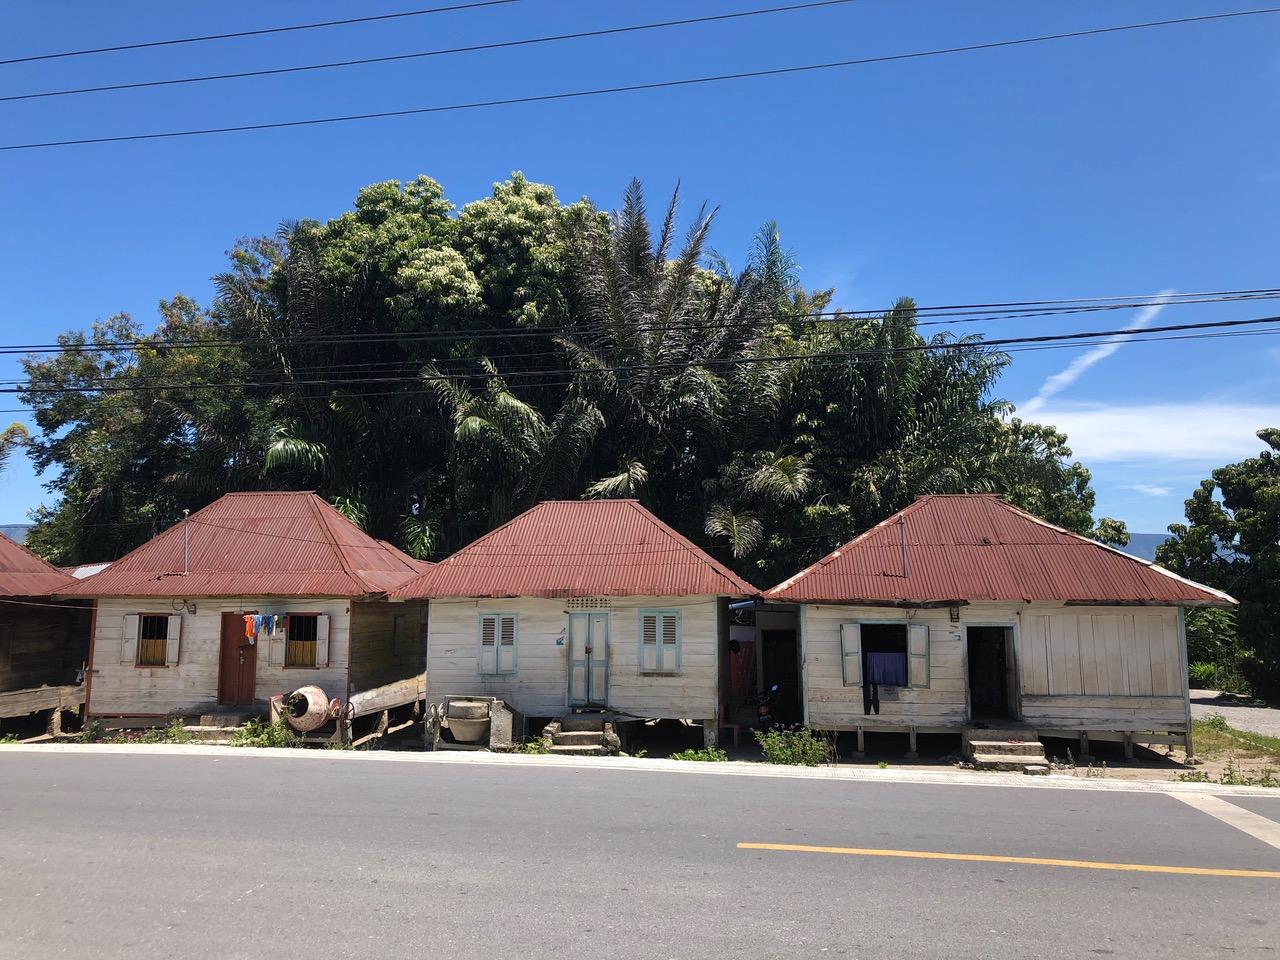 Petites maisons sur la route : visiter le Lac Toba